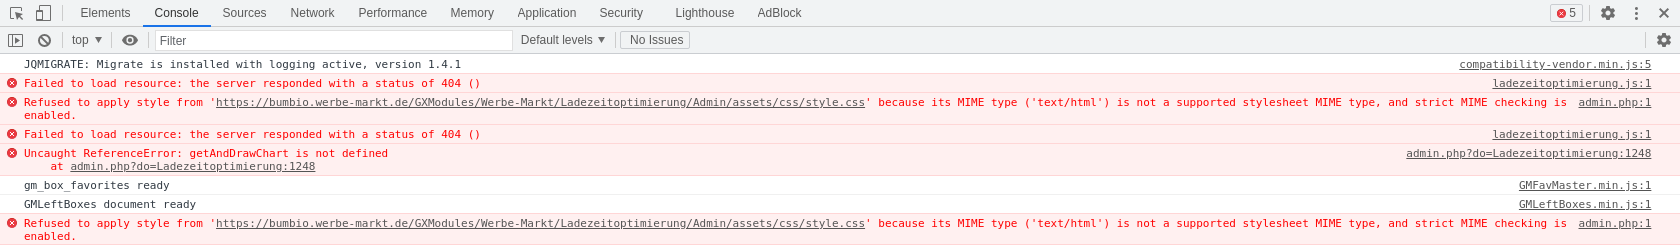 404er Fehler in der Chrome Entwickler-Konsole